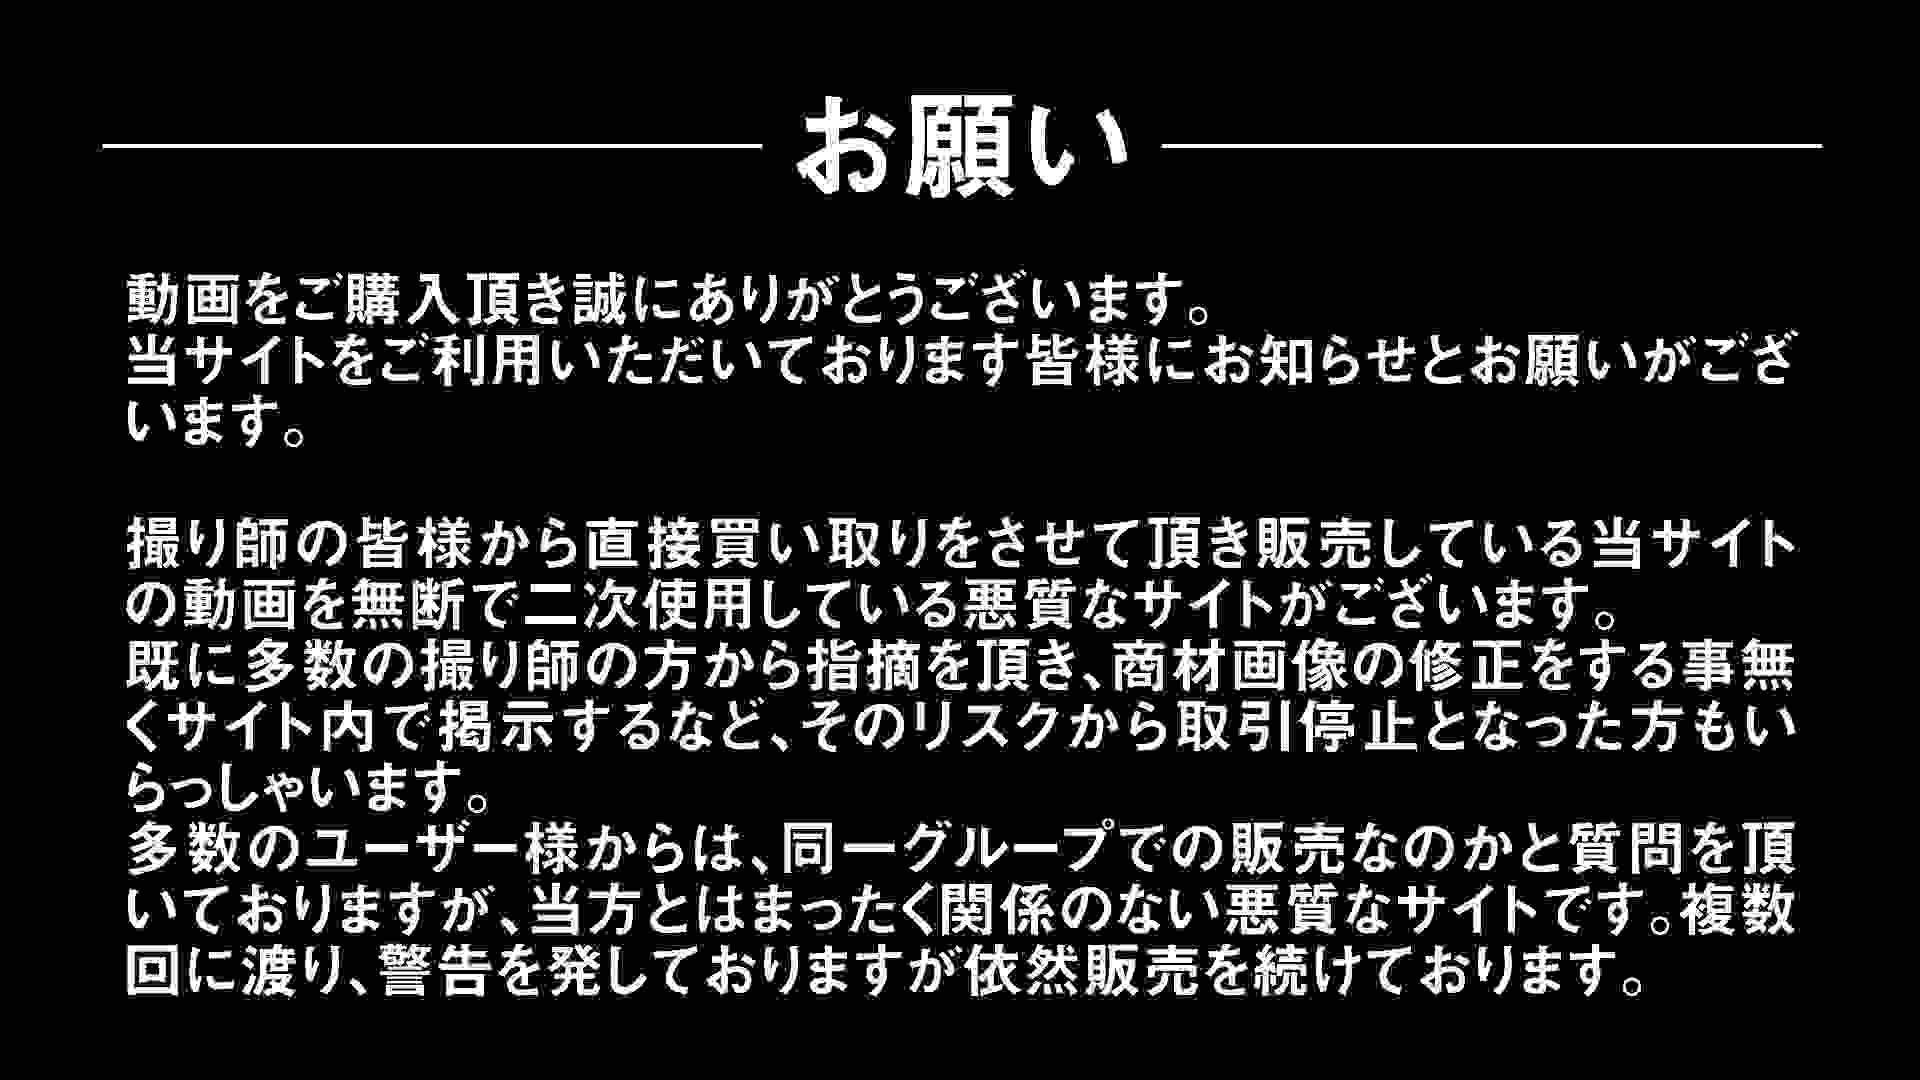 Aquaな露天風呂Vol.299 盗撮大放出  45連発 4